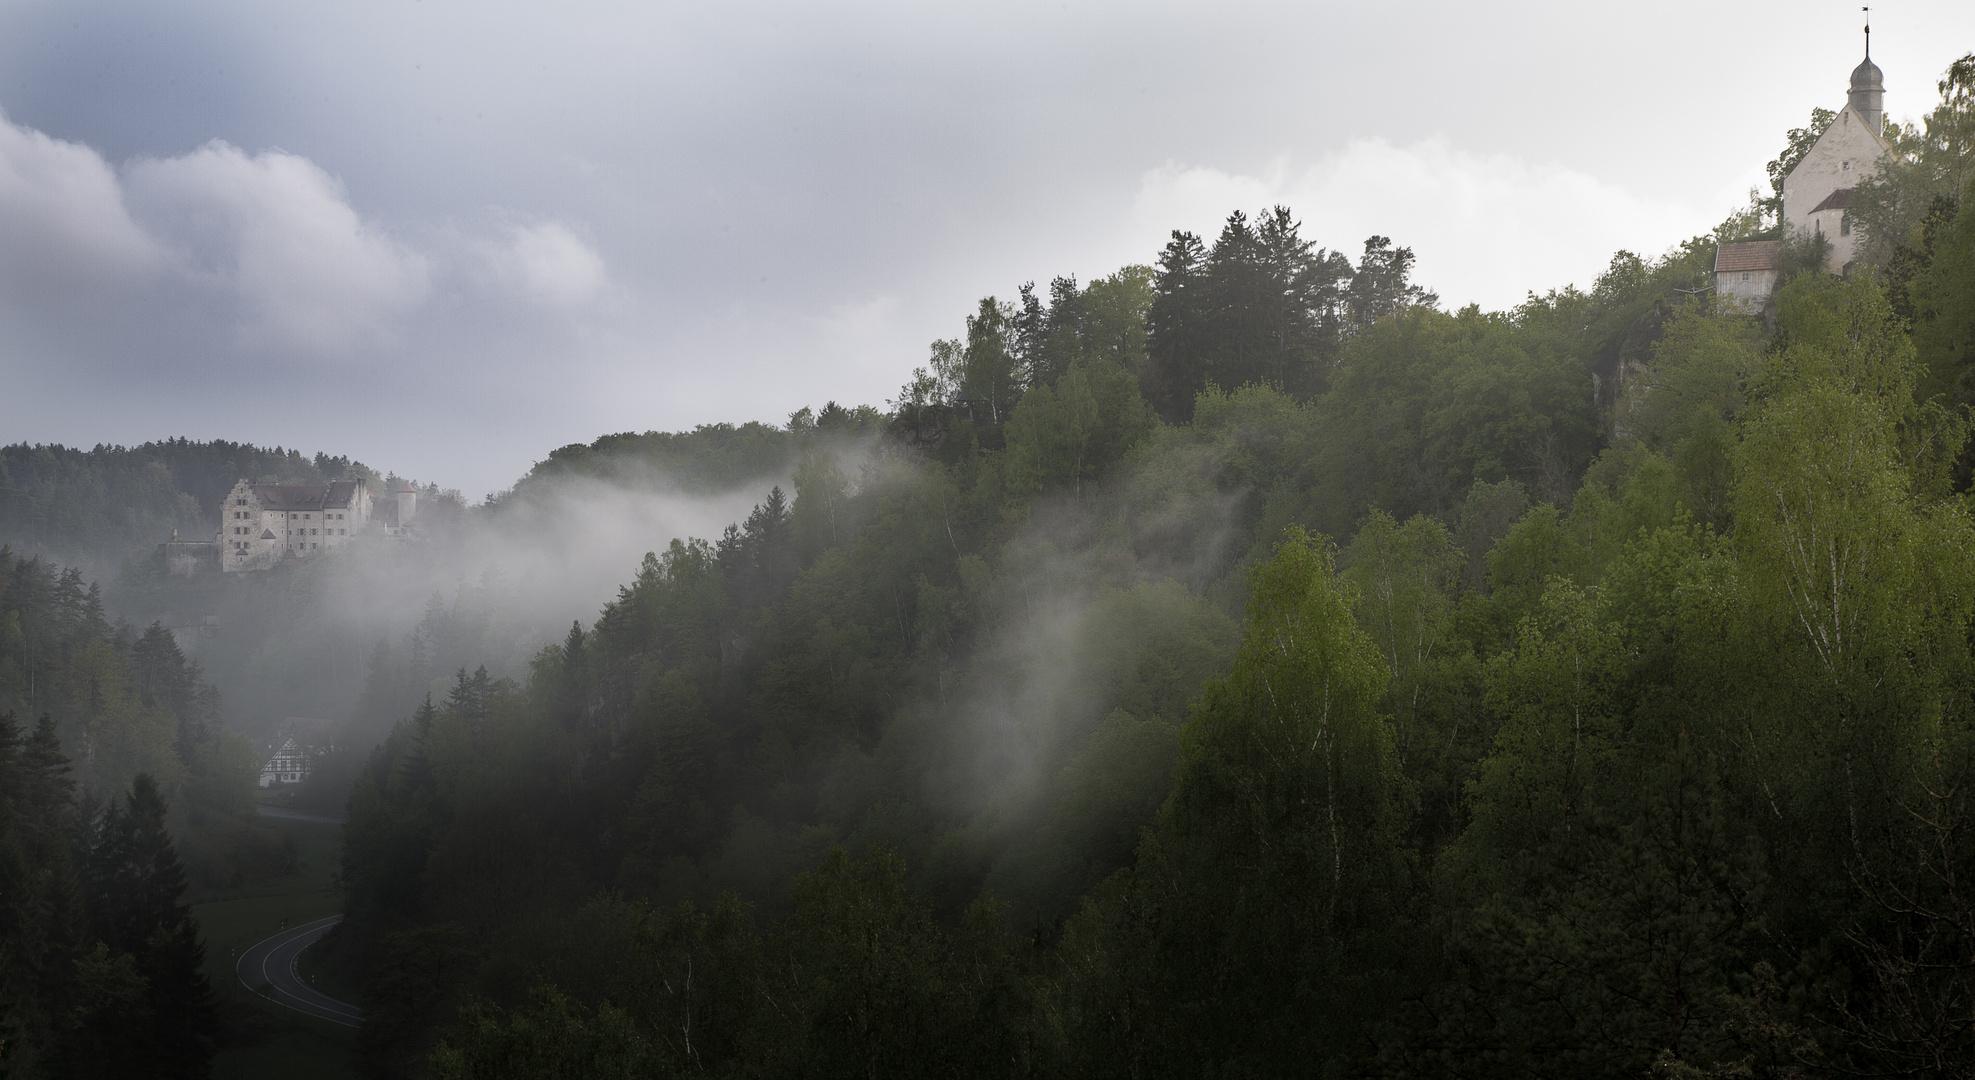 ... steigt der Nebel, wunderbar ...